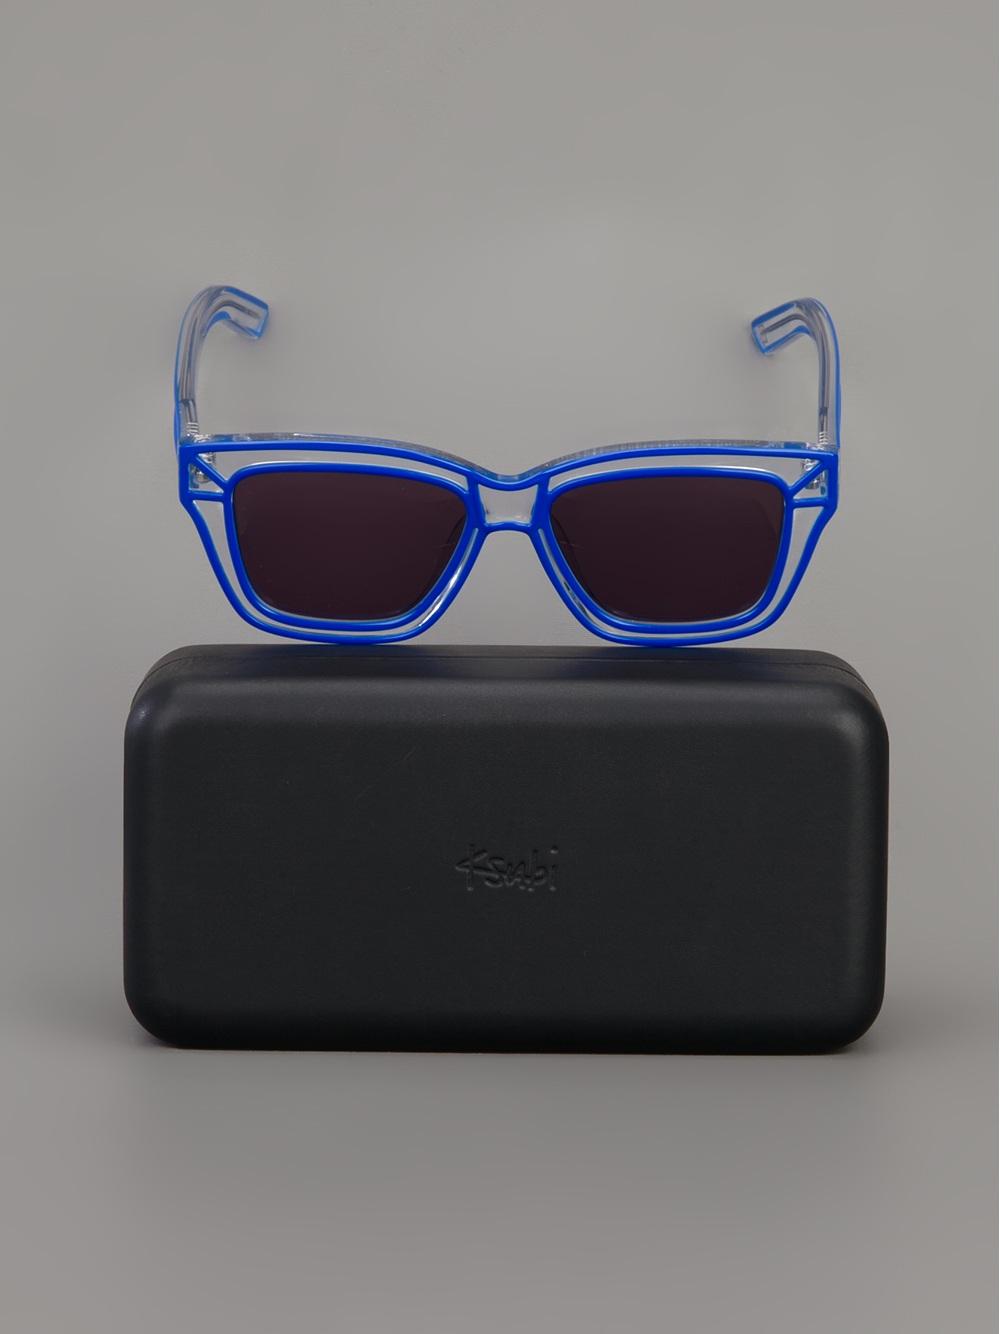 7dac894755 Lyst - Ksubi Sham Wayfarer Sunglasses for Men